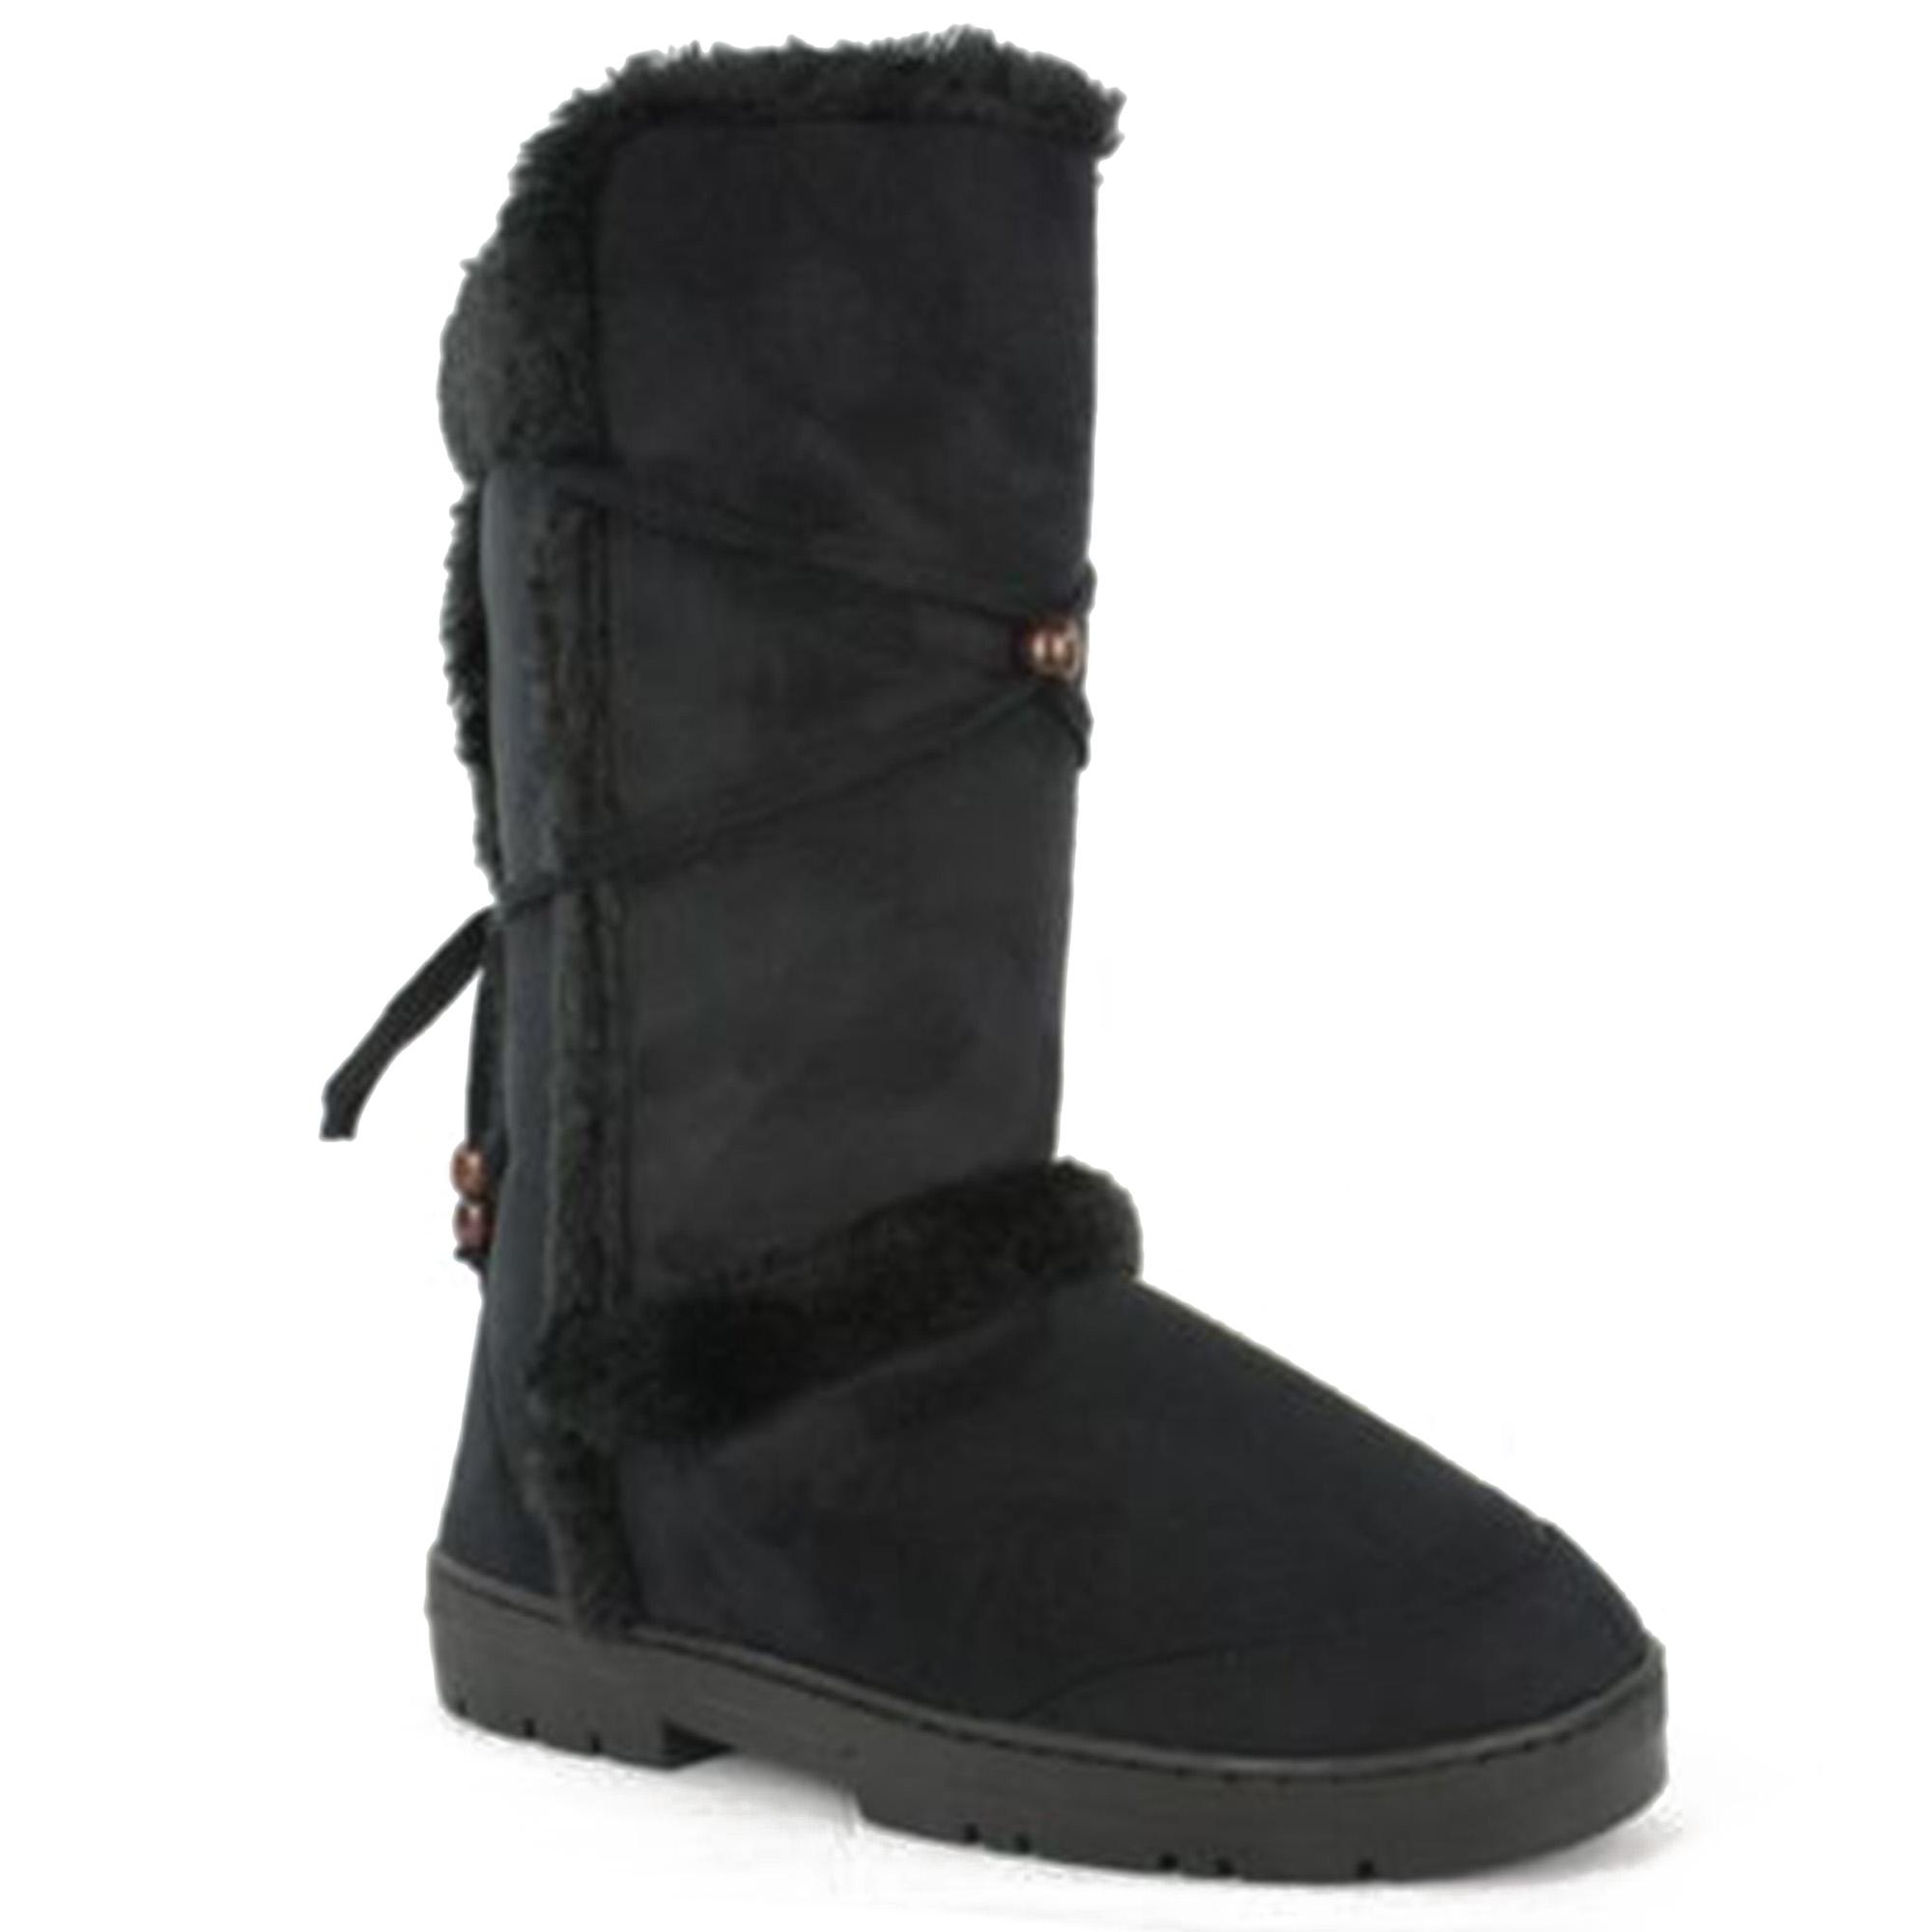 Women\'s Furry Winter Boots   High 5 Games